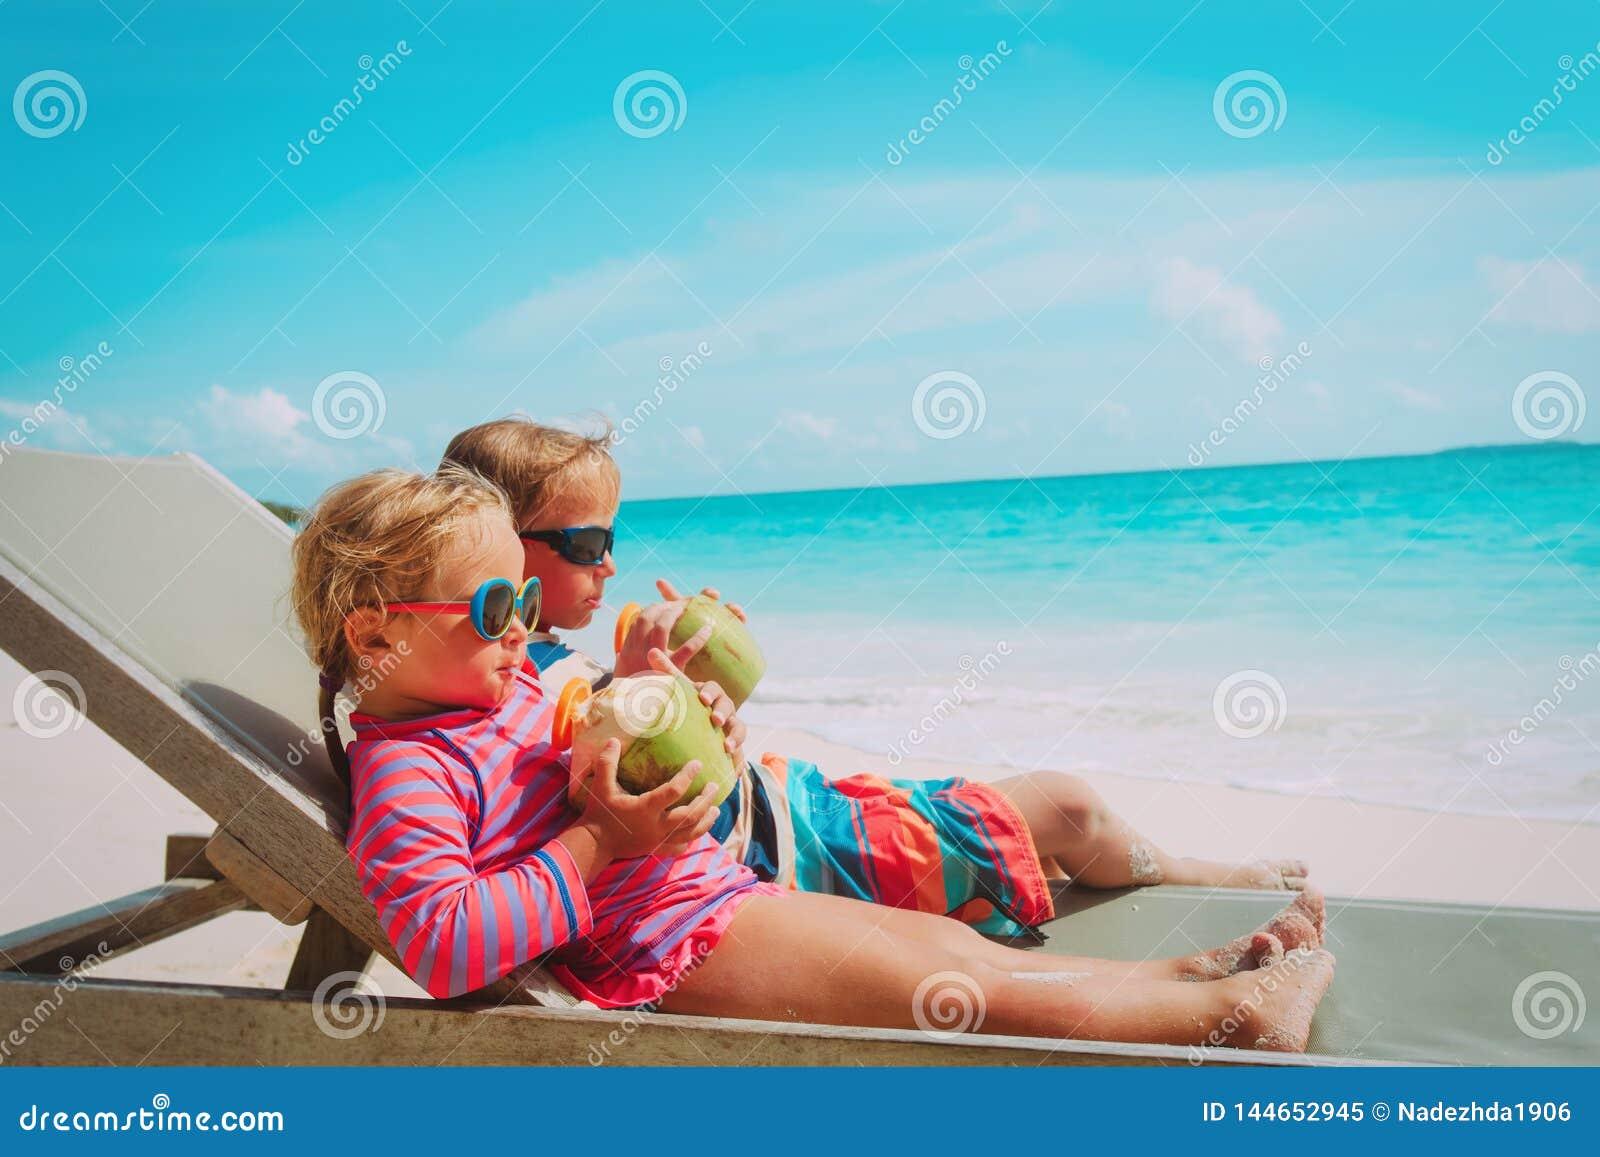 Pys och flicka som dricker kokosnöten på strandsemester